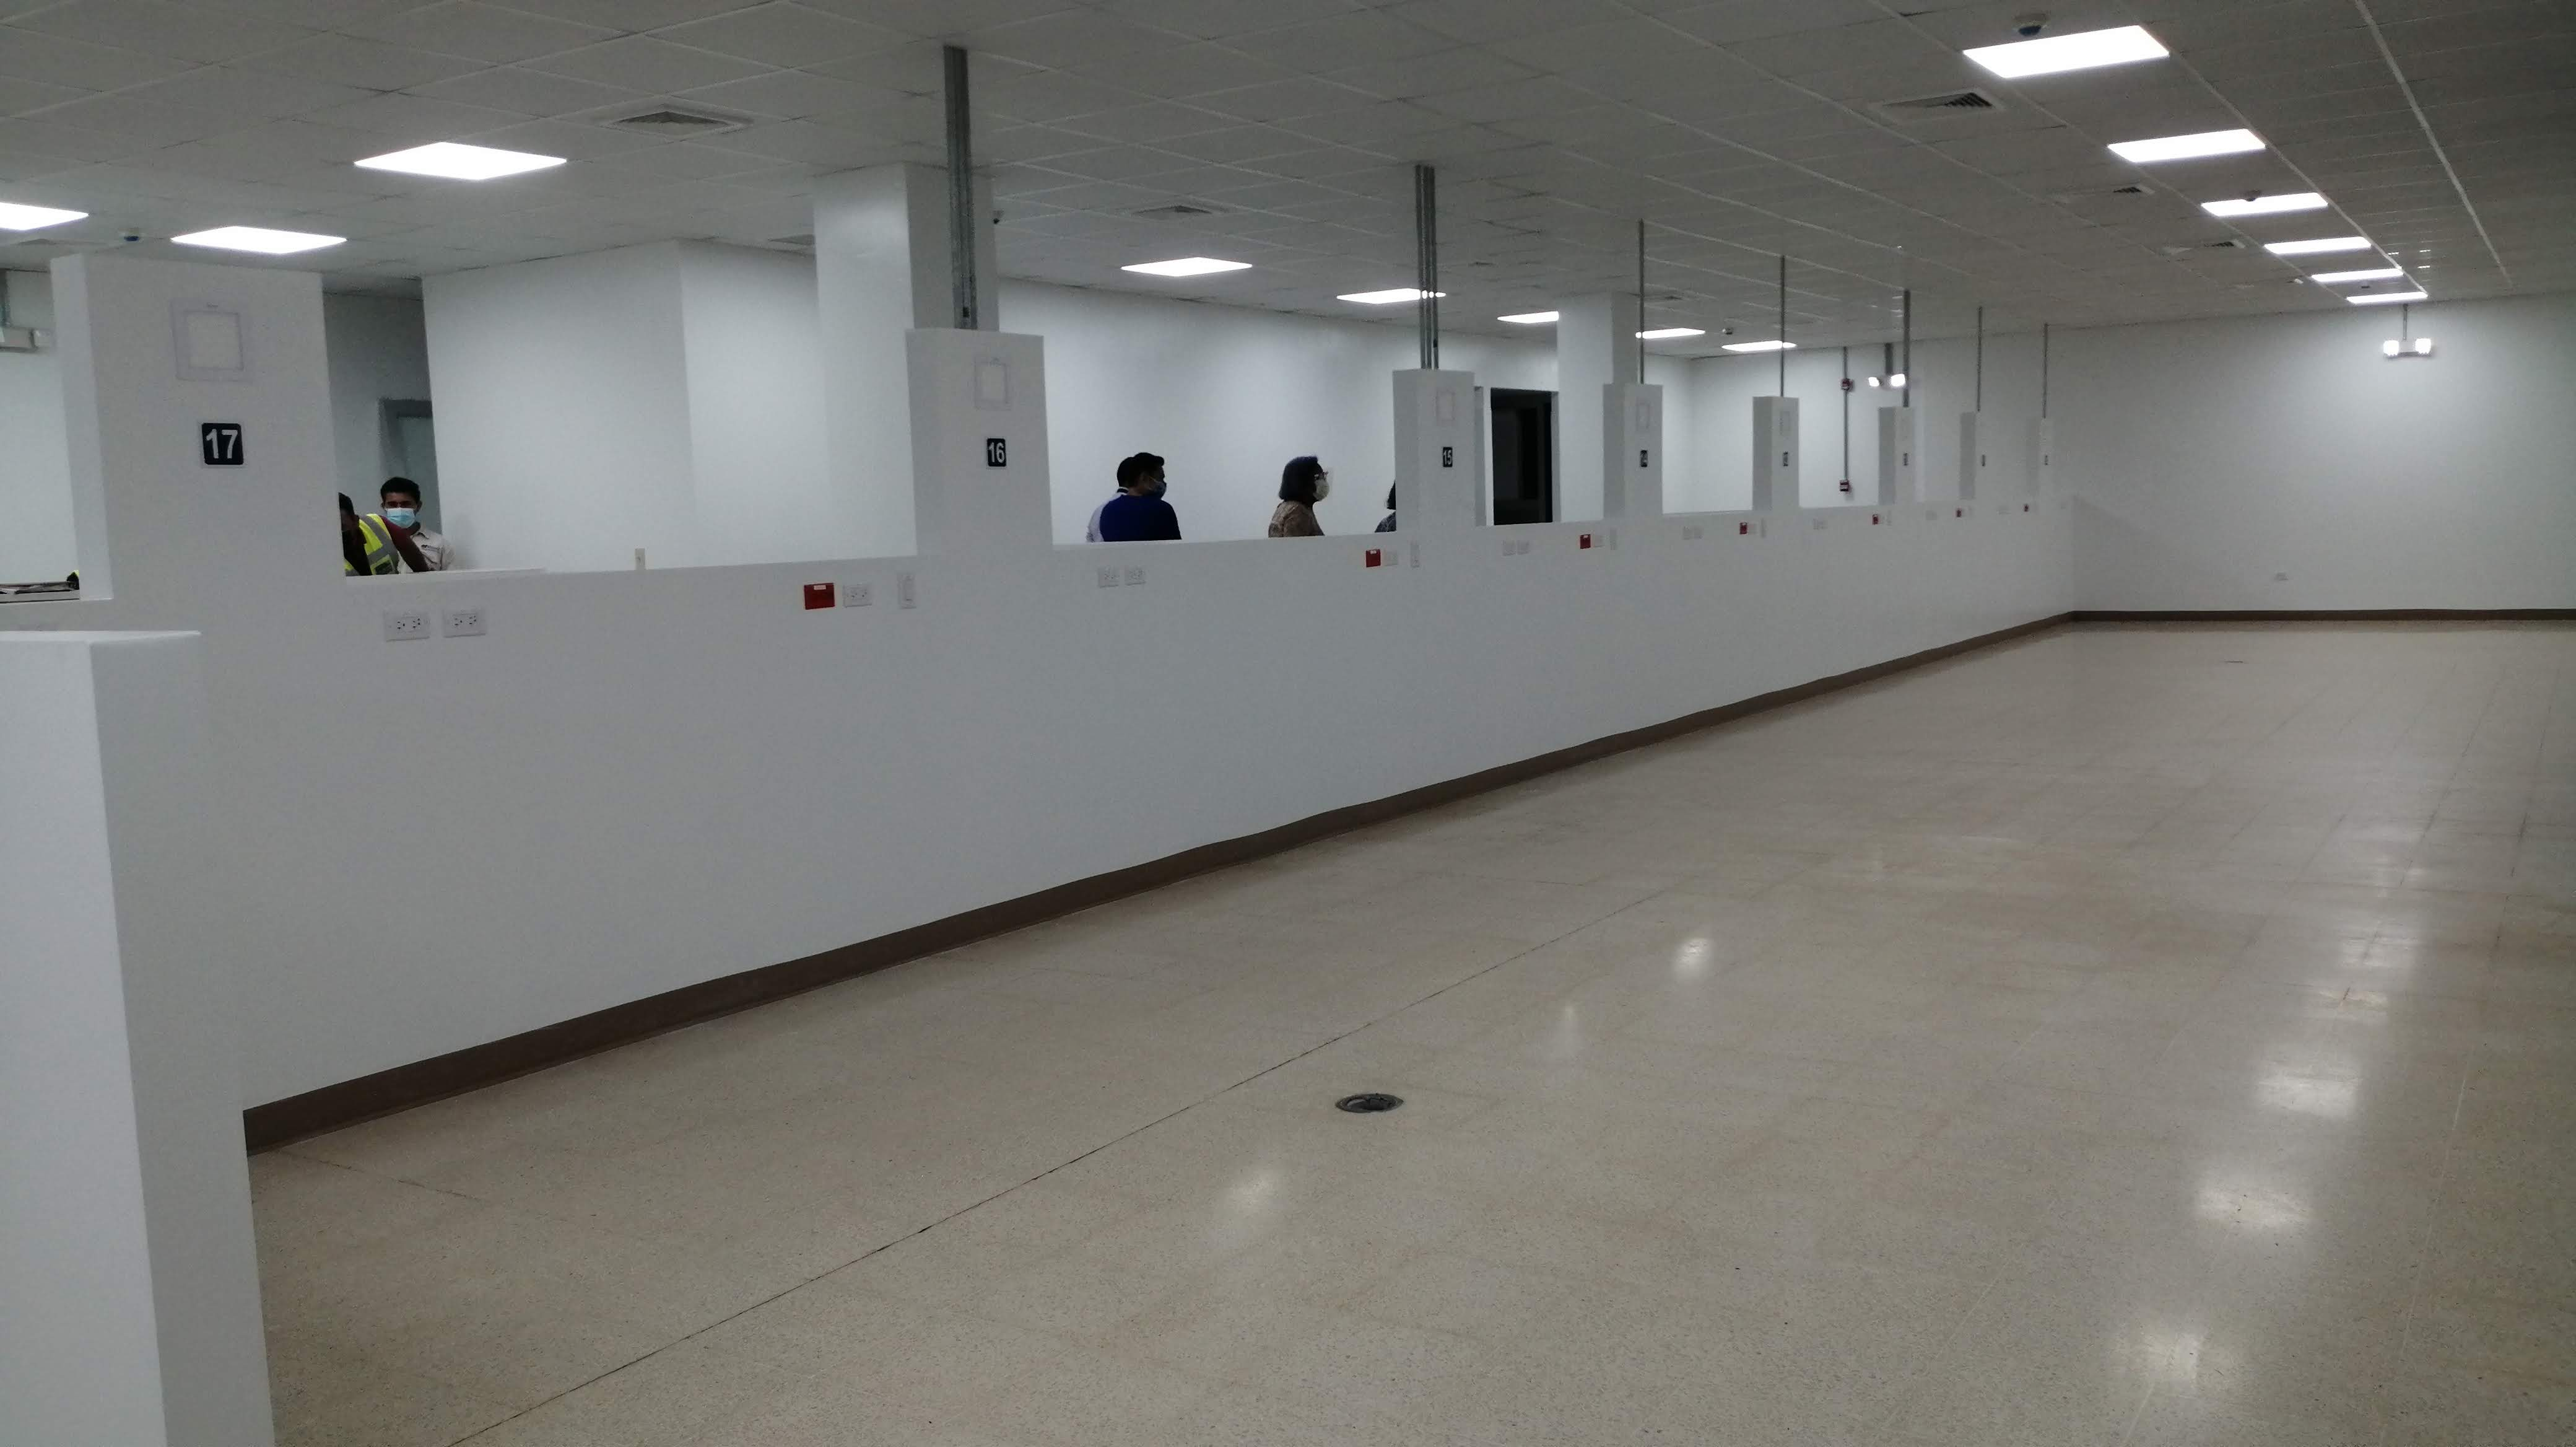 La nueva sala podría comenzar a recibir pacientes la próxima semana. Foto: Eric A. Montenegro